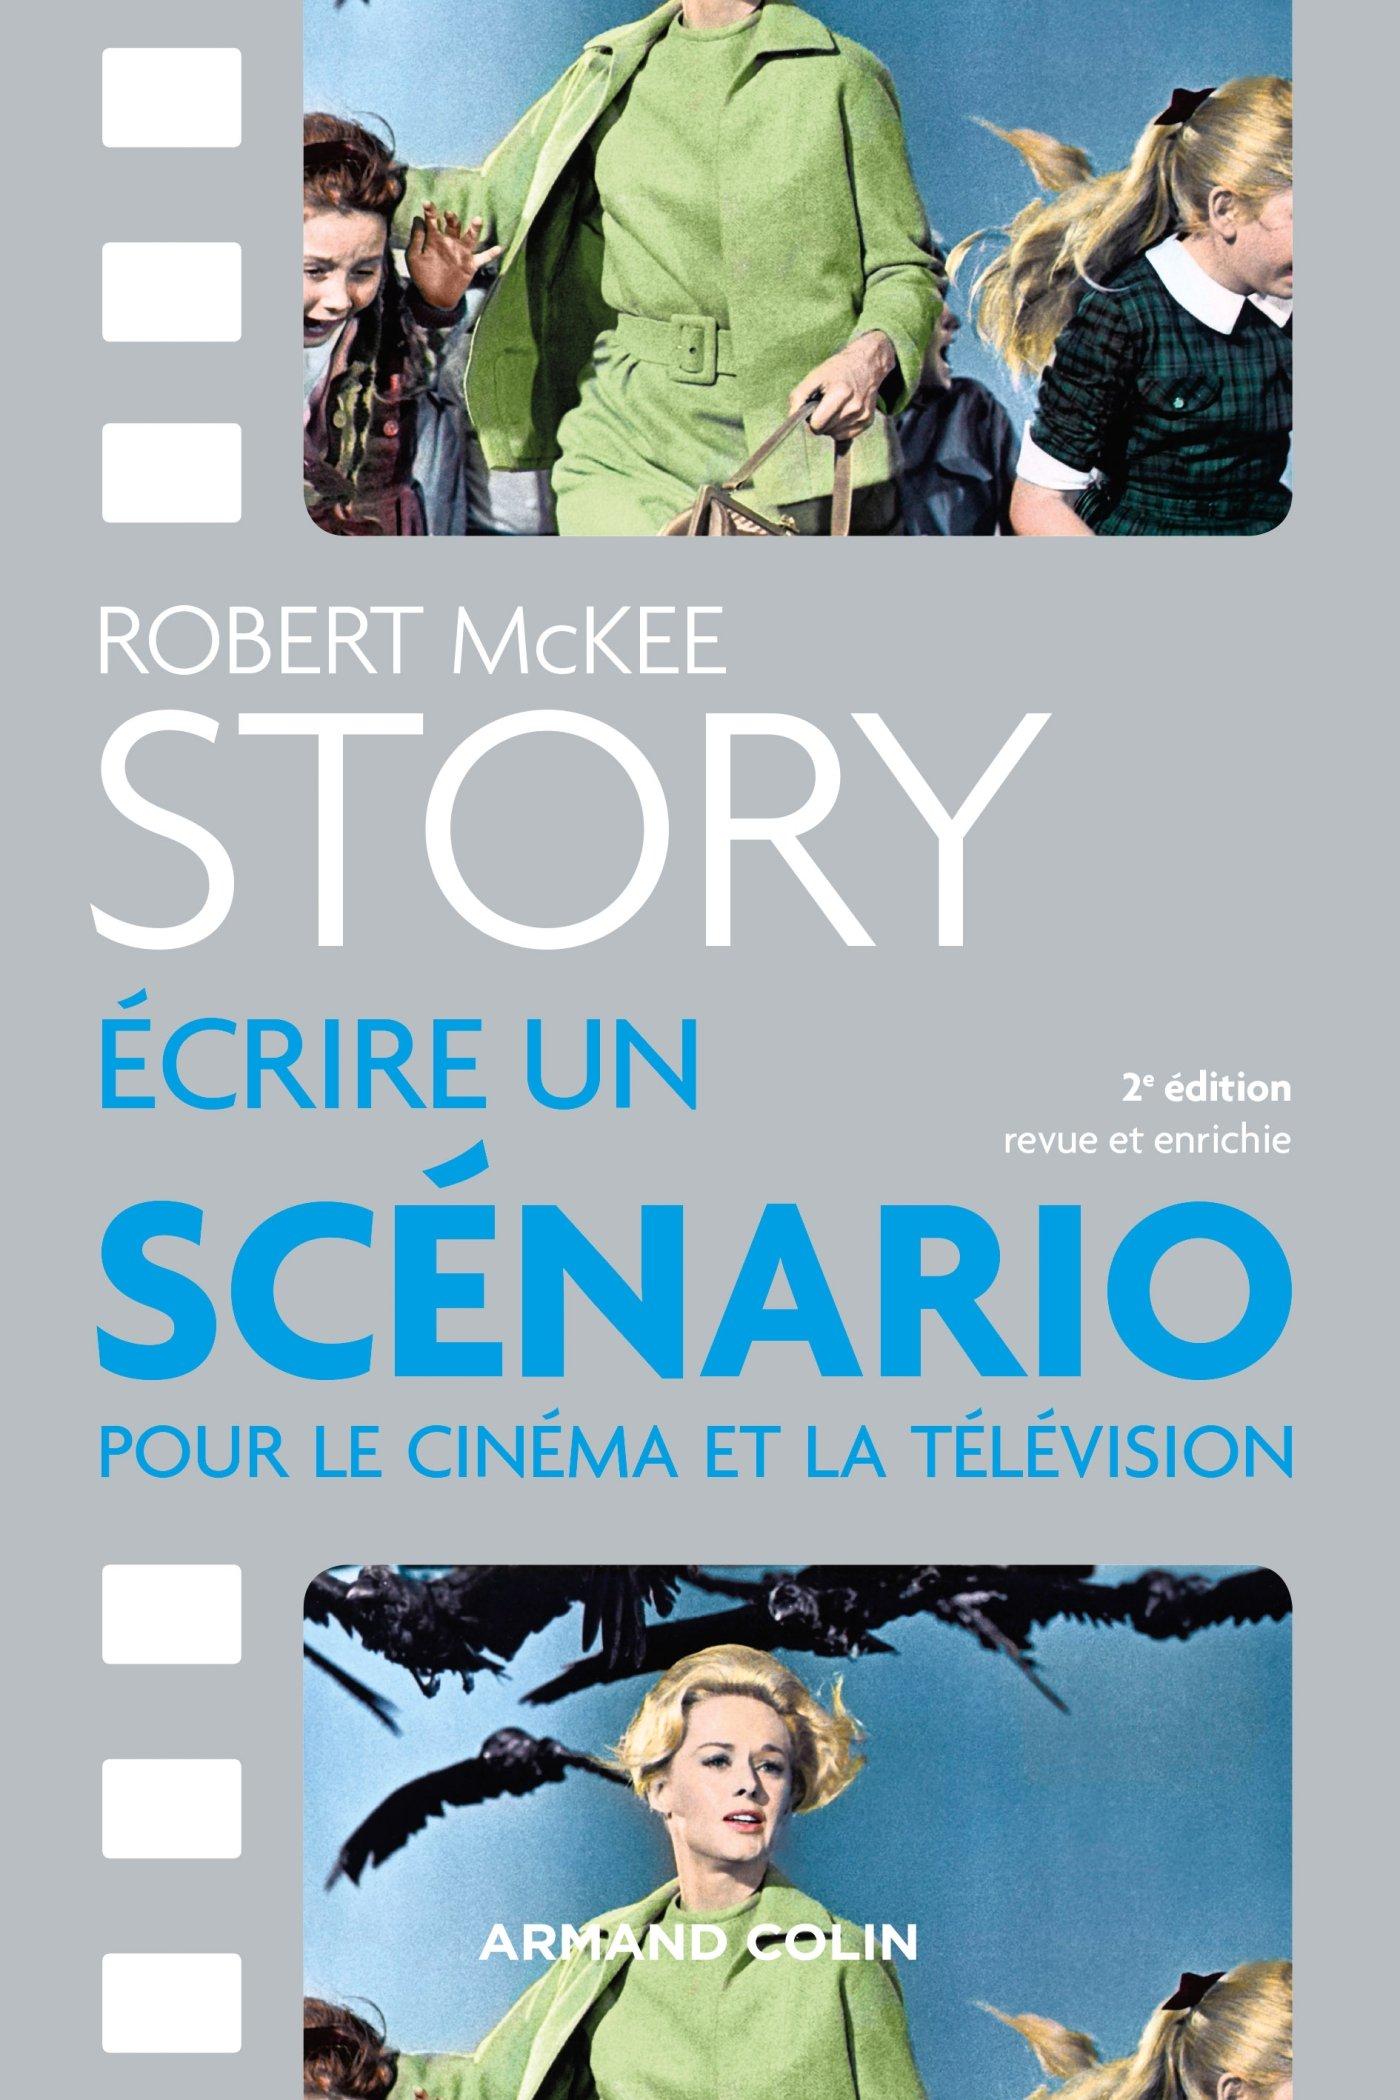 Amazon.fr - Story - Ecrire un scénario pour le cinéma et la télévision -  Robert McKee - Livres